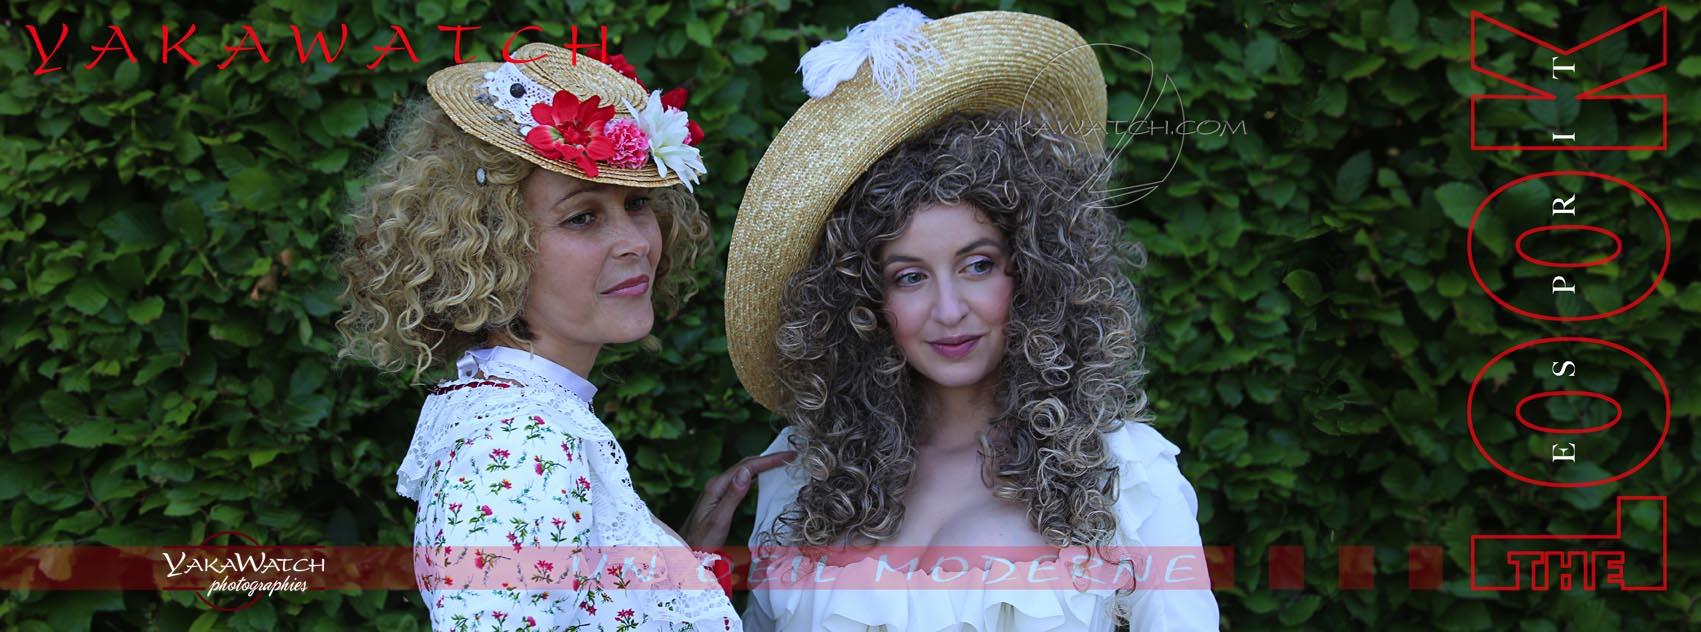 Duo Journée Grand Siècle Vaux le Vicomte - Mitia-Arcturus Photographe